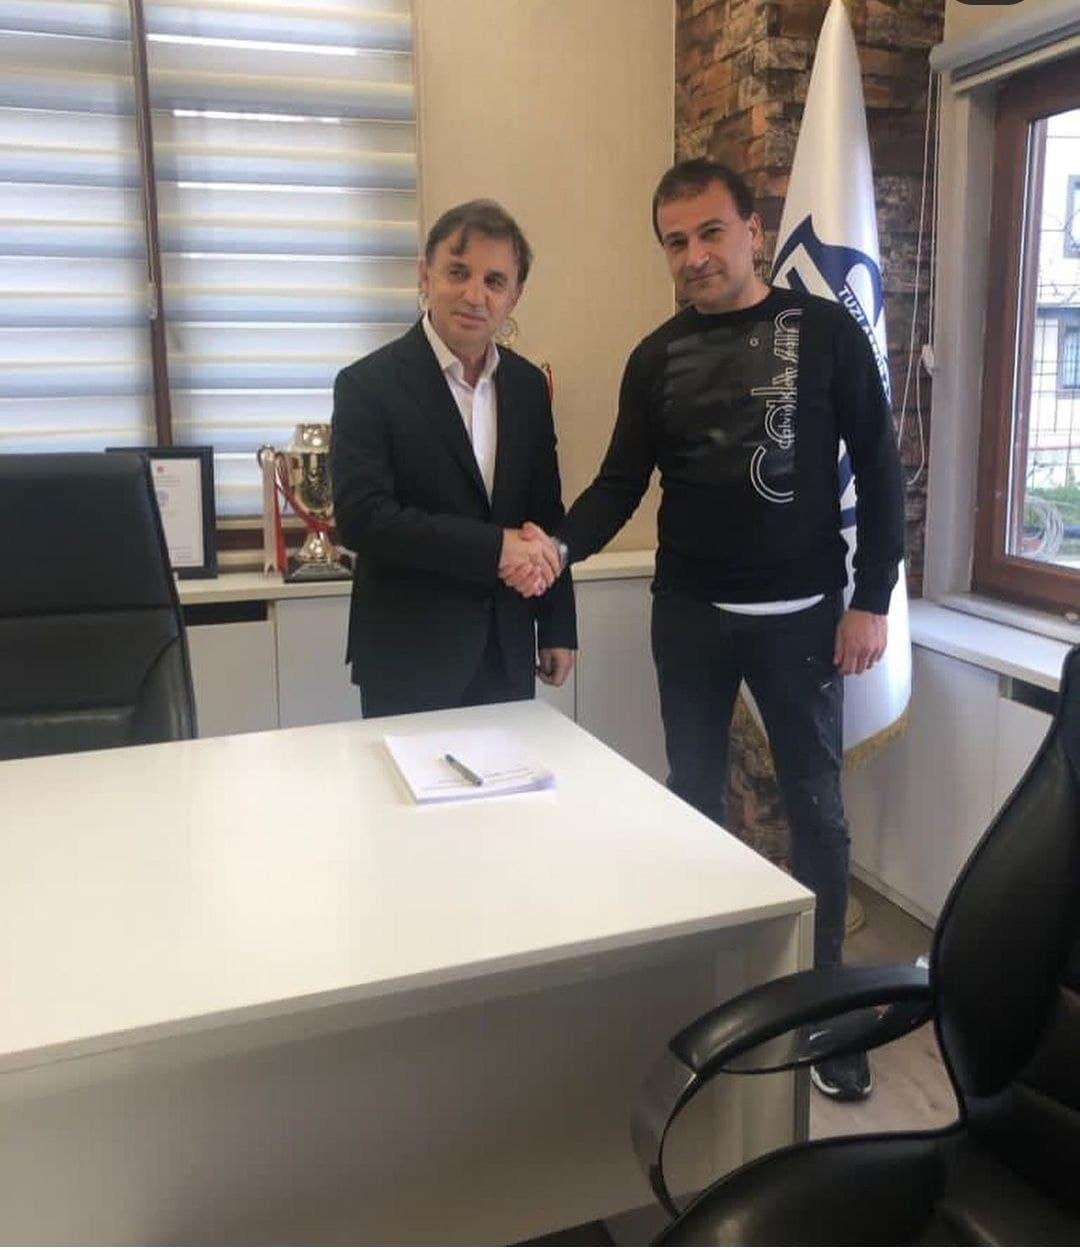 Resmen duyuruldu! Tuzlaspor'un yeni teknik direktörü Suat Kaya oldu